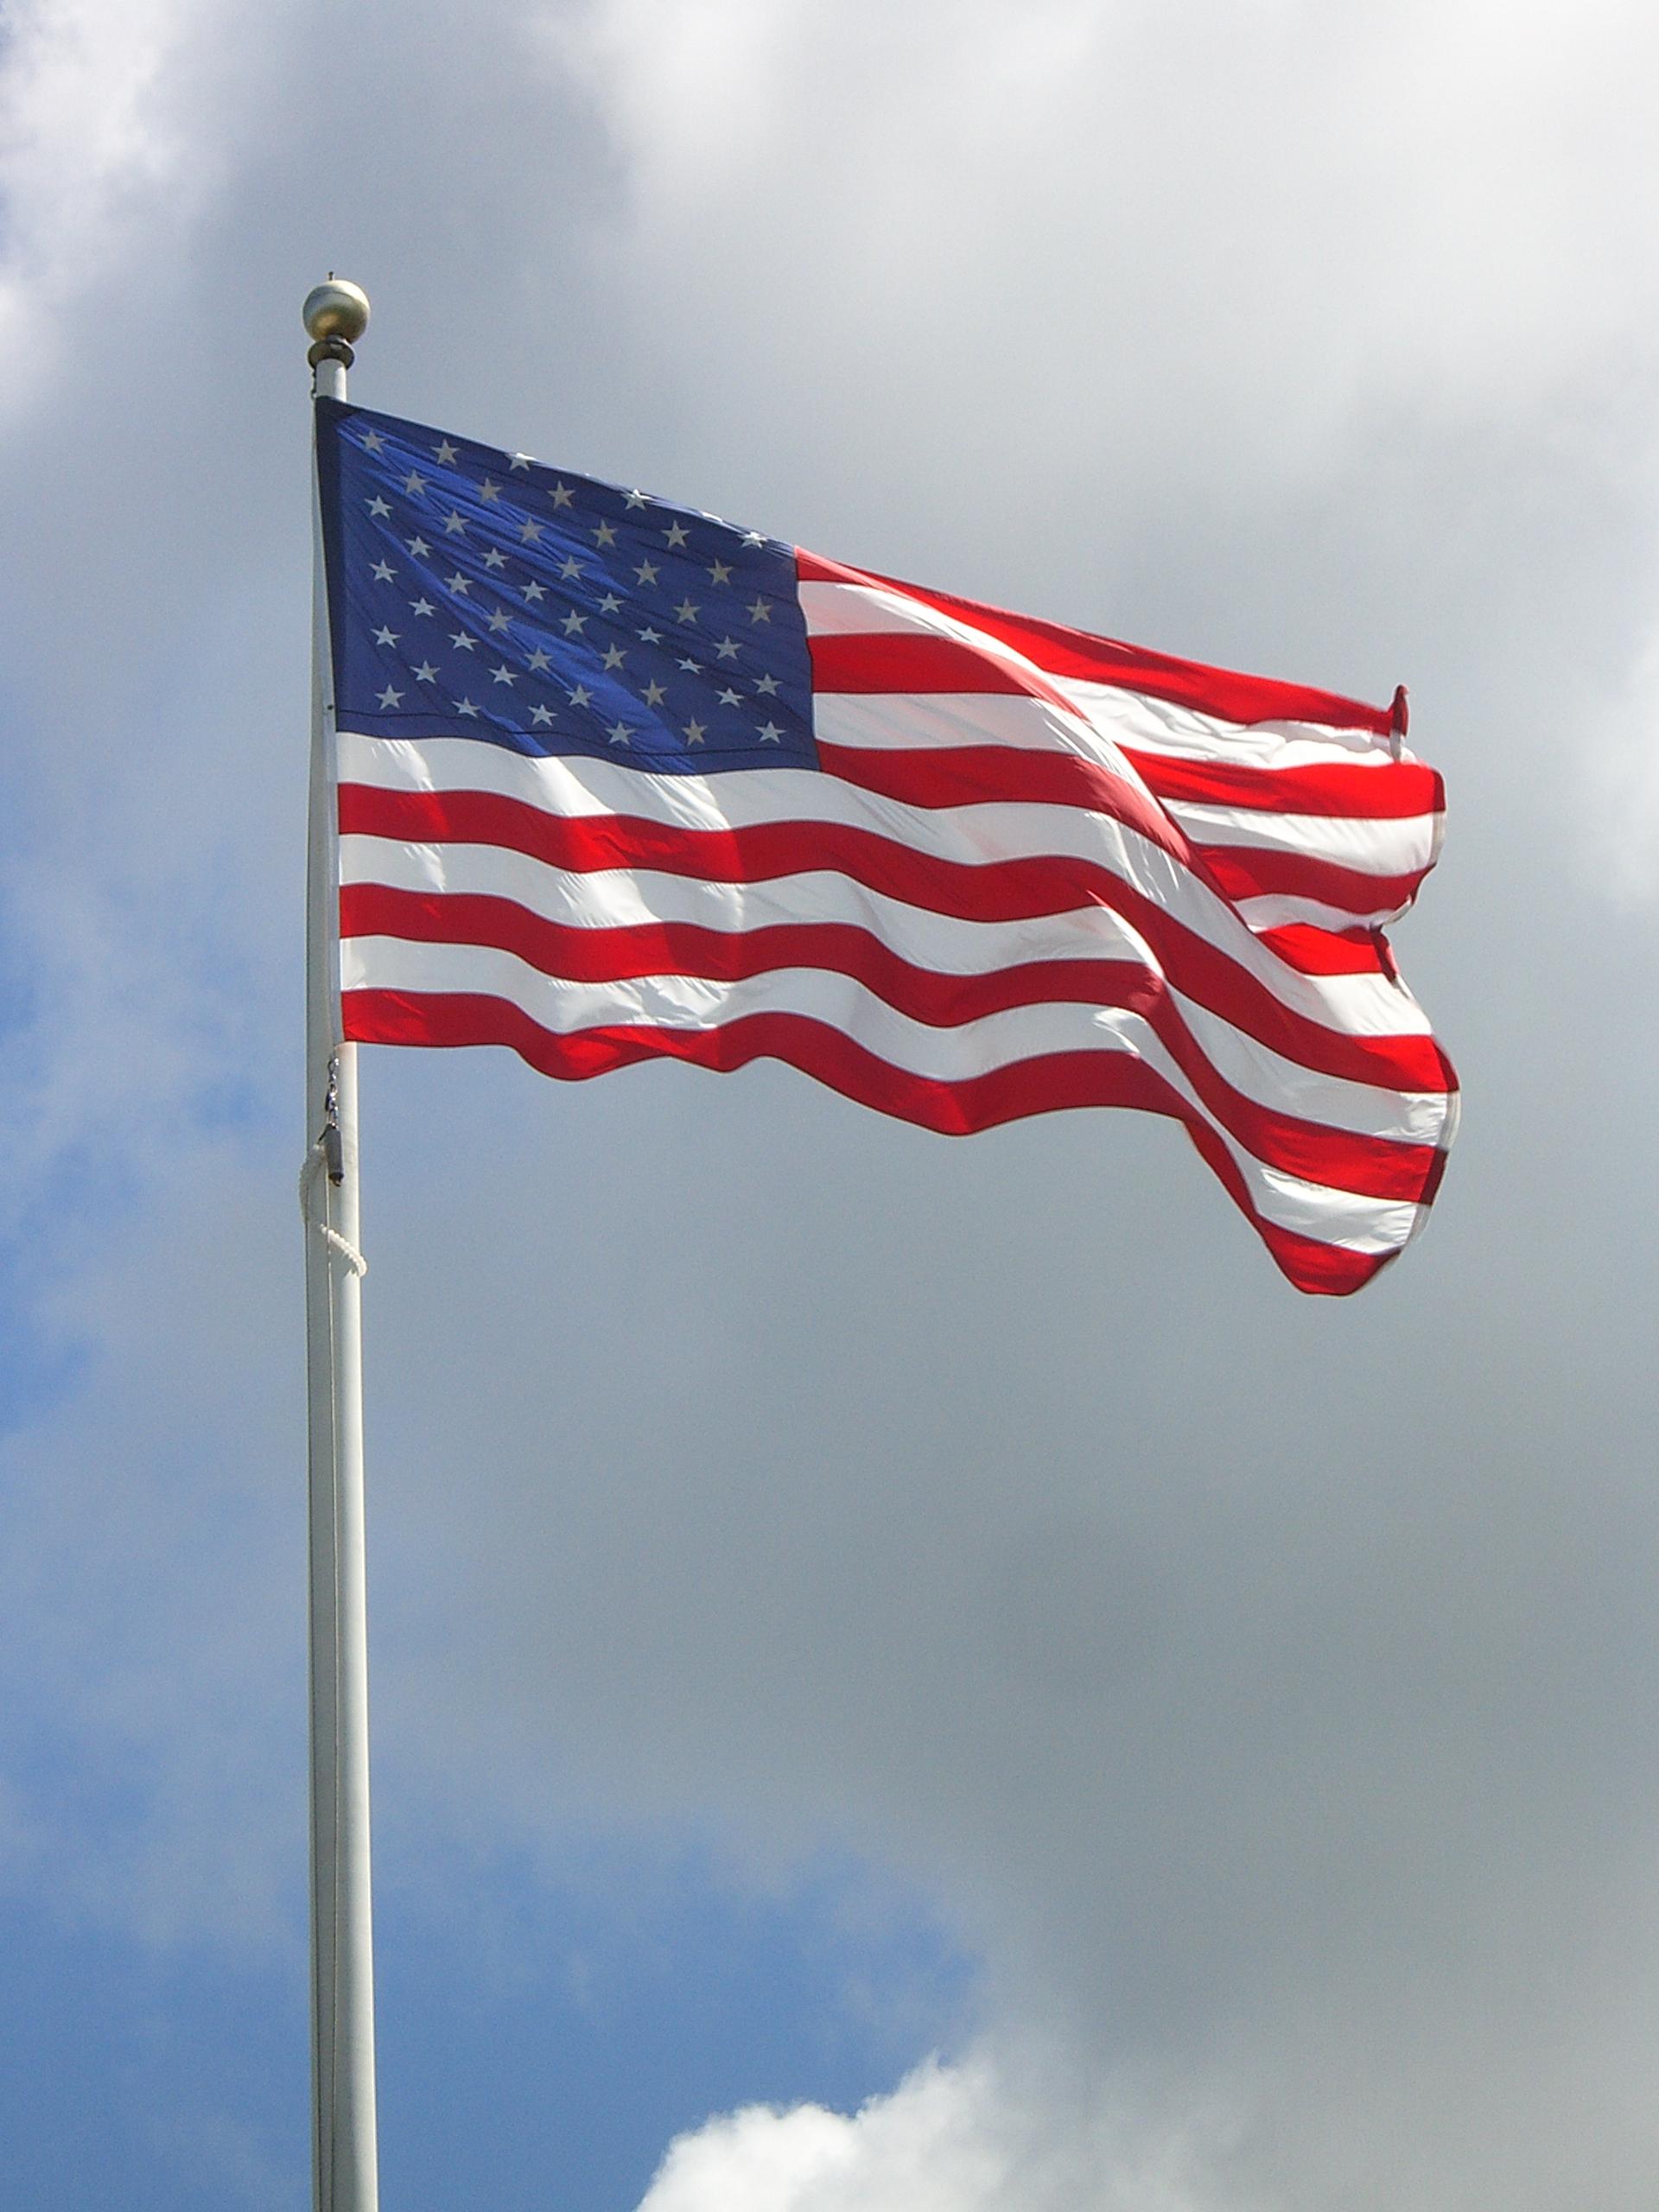 Description USA Flag - Hyannis - Massachusetts.jpg: commons.wikimedia.org/wiki/File:USA_Flag_-_Hyannis_-_Massachusetts.jpg